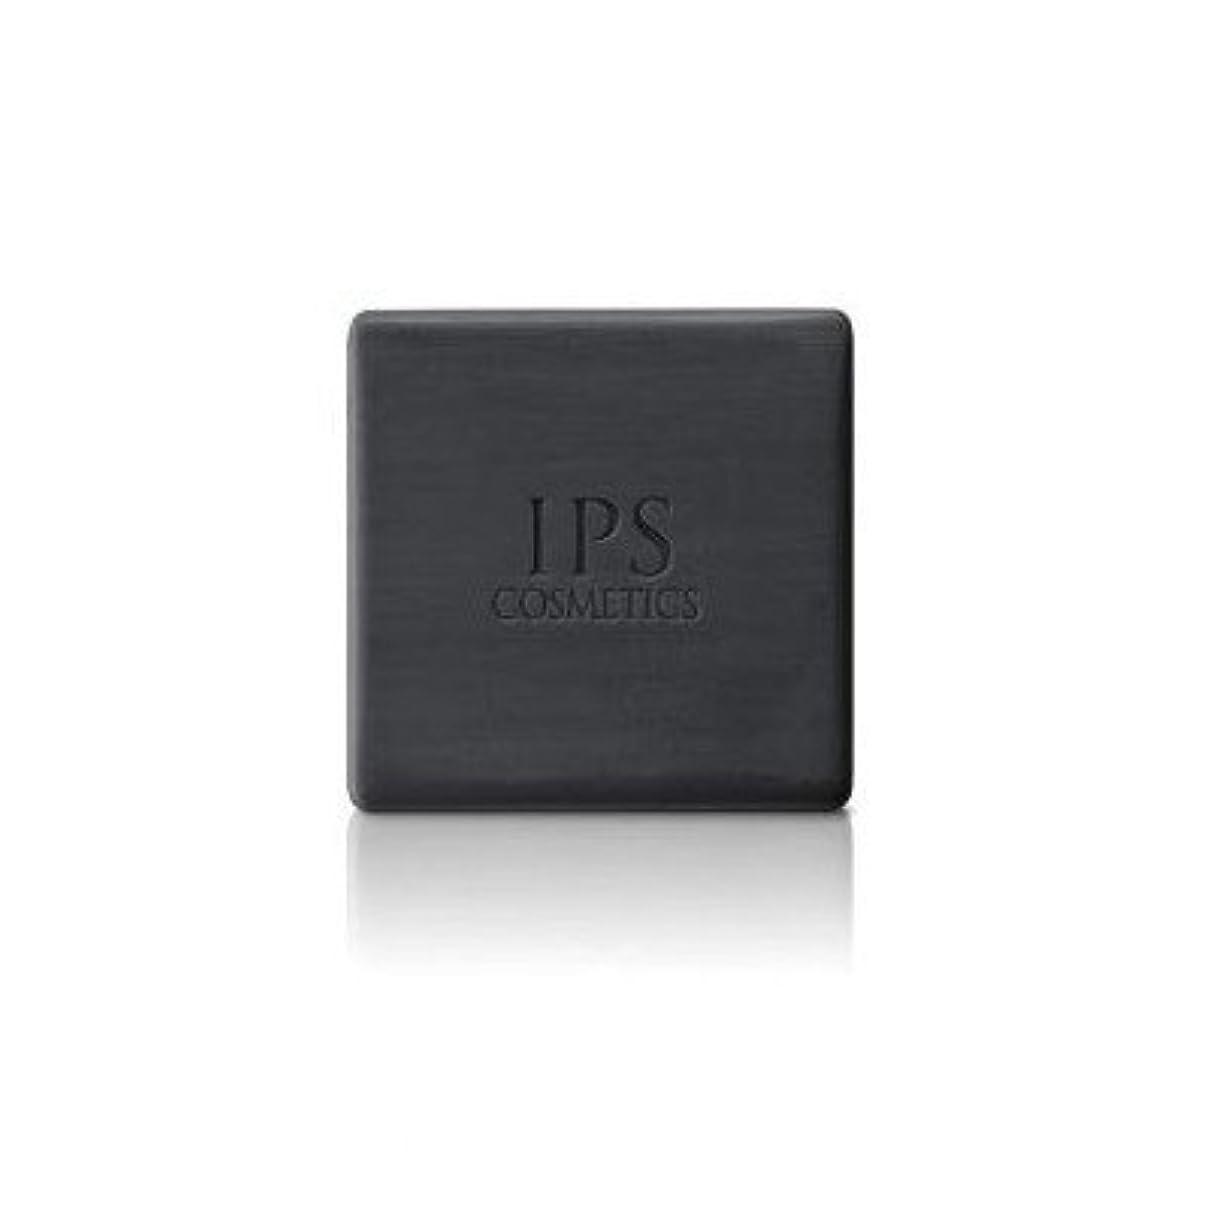 はしごコミュニケーション不屈お得な3個セット IPS コンディショニングバー 洗顔石鹸 120g